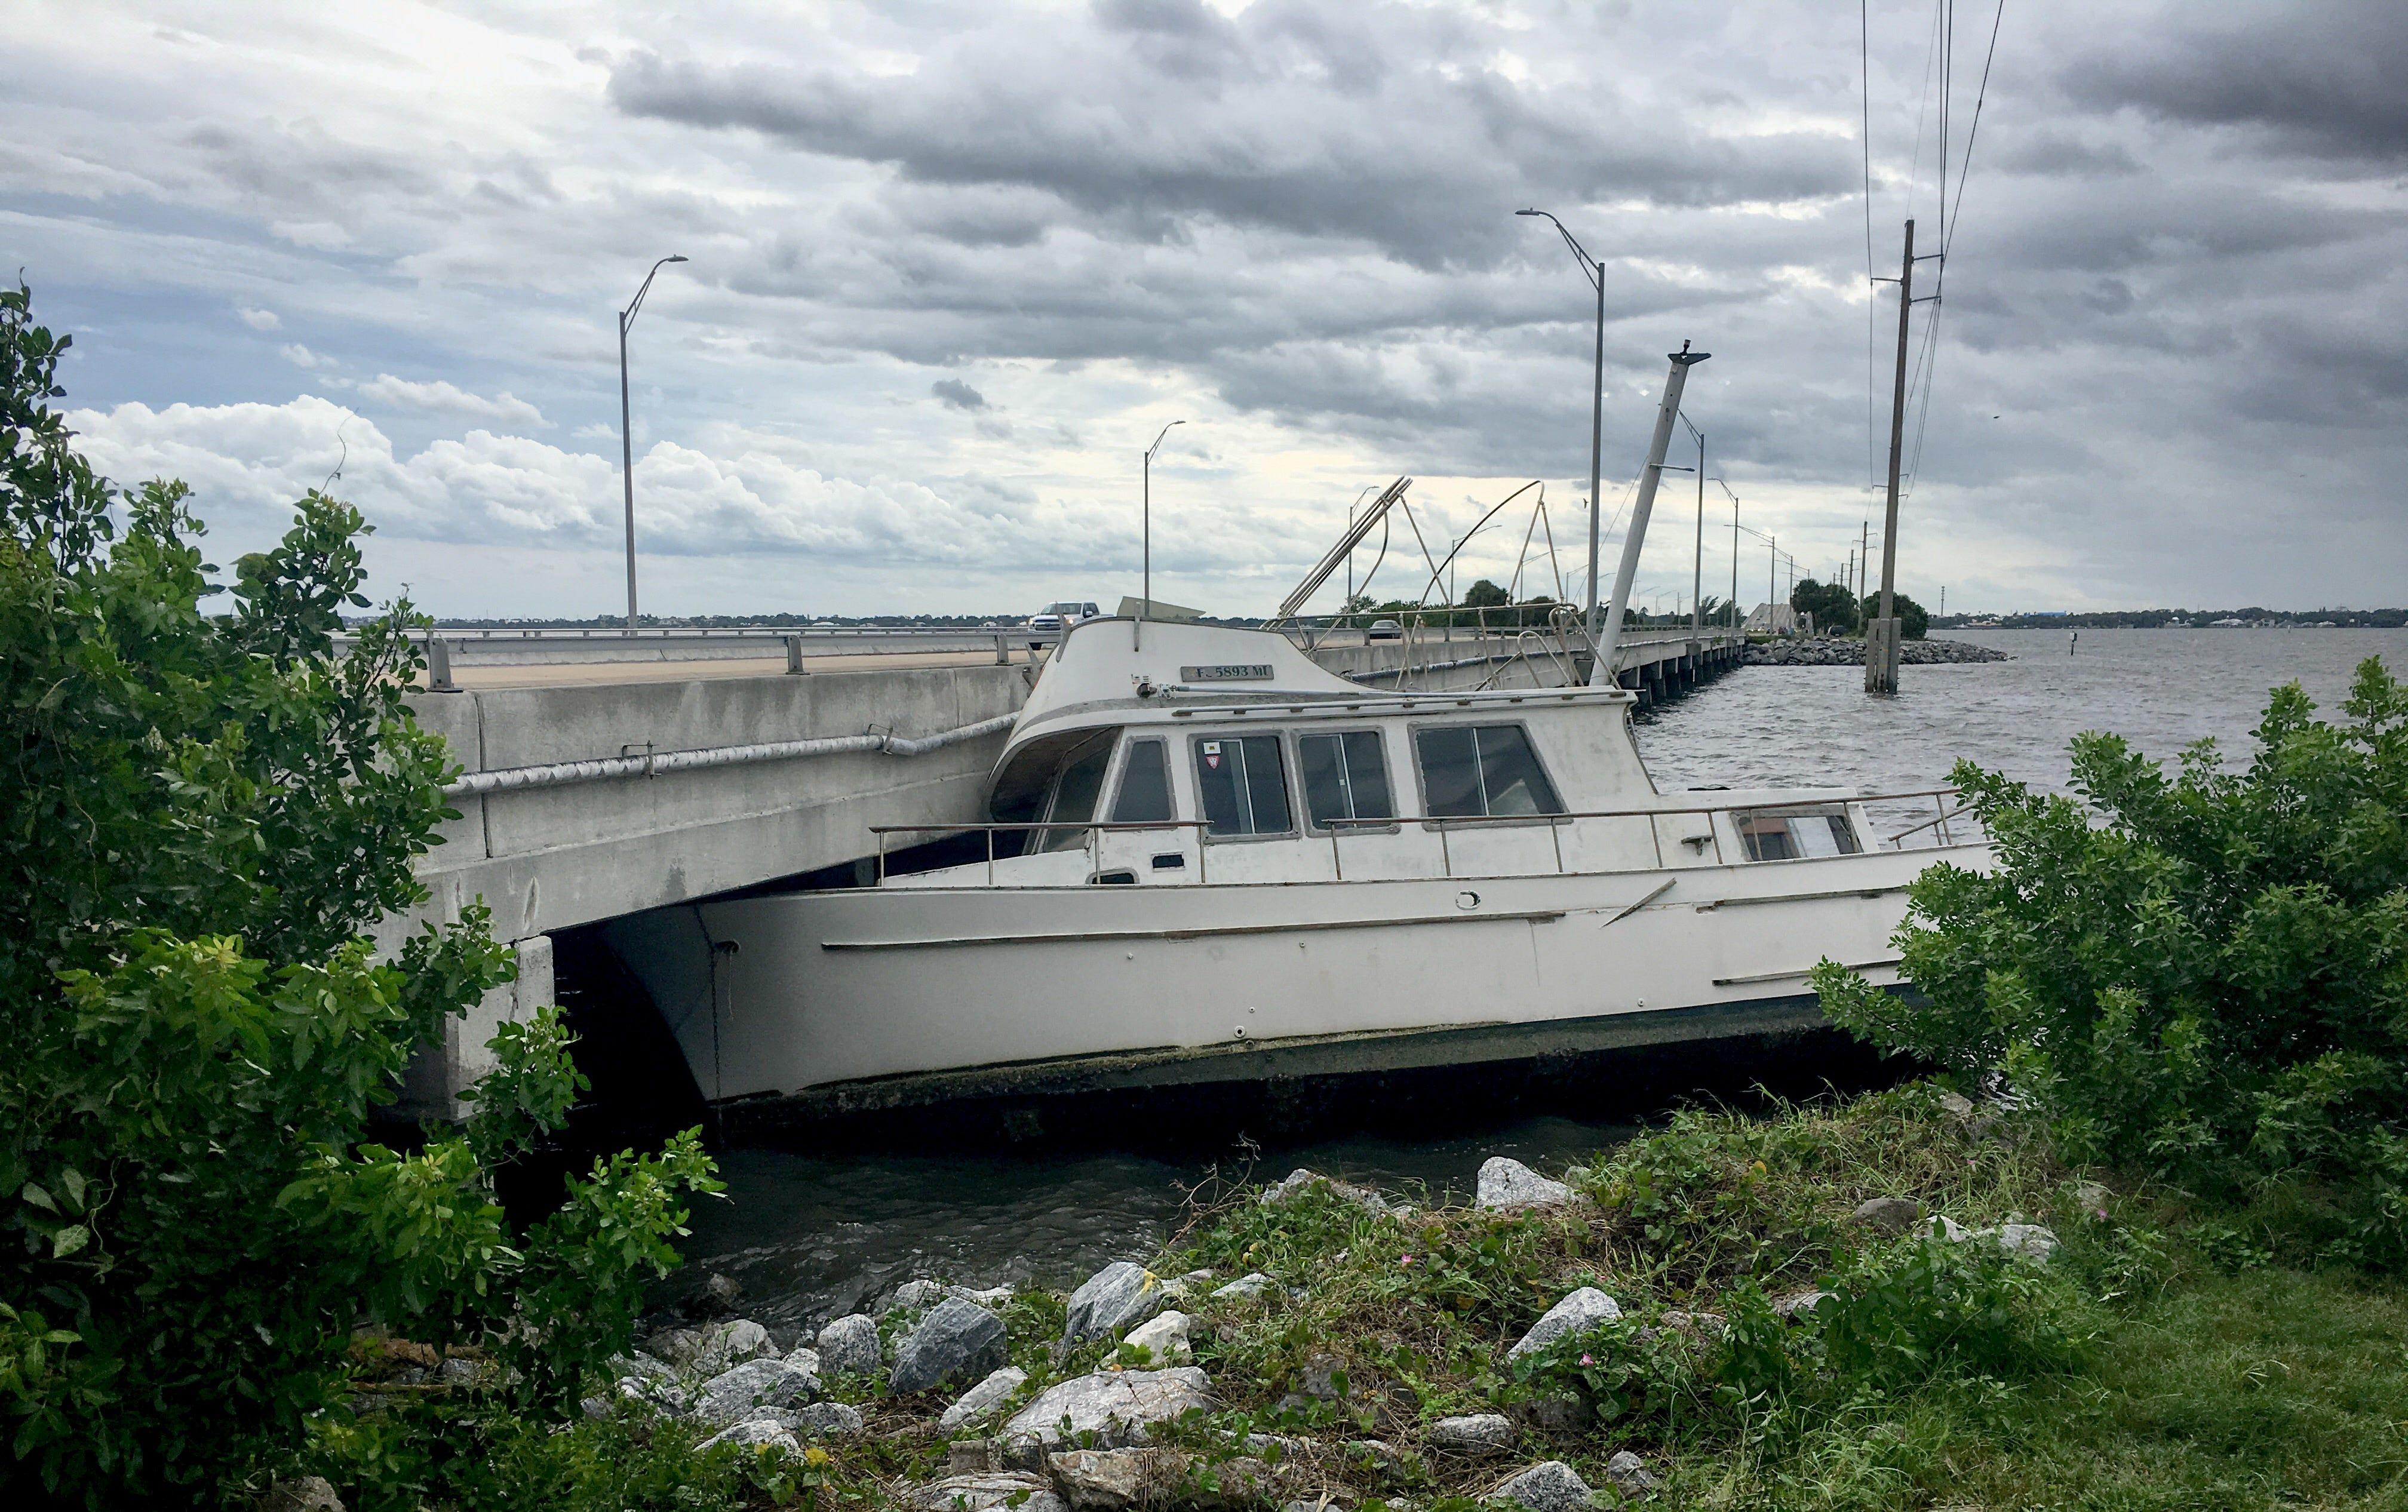 All Guard Shutters don't wait too long to take down hurricane shutters